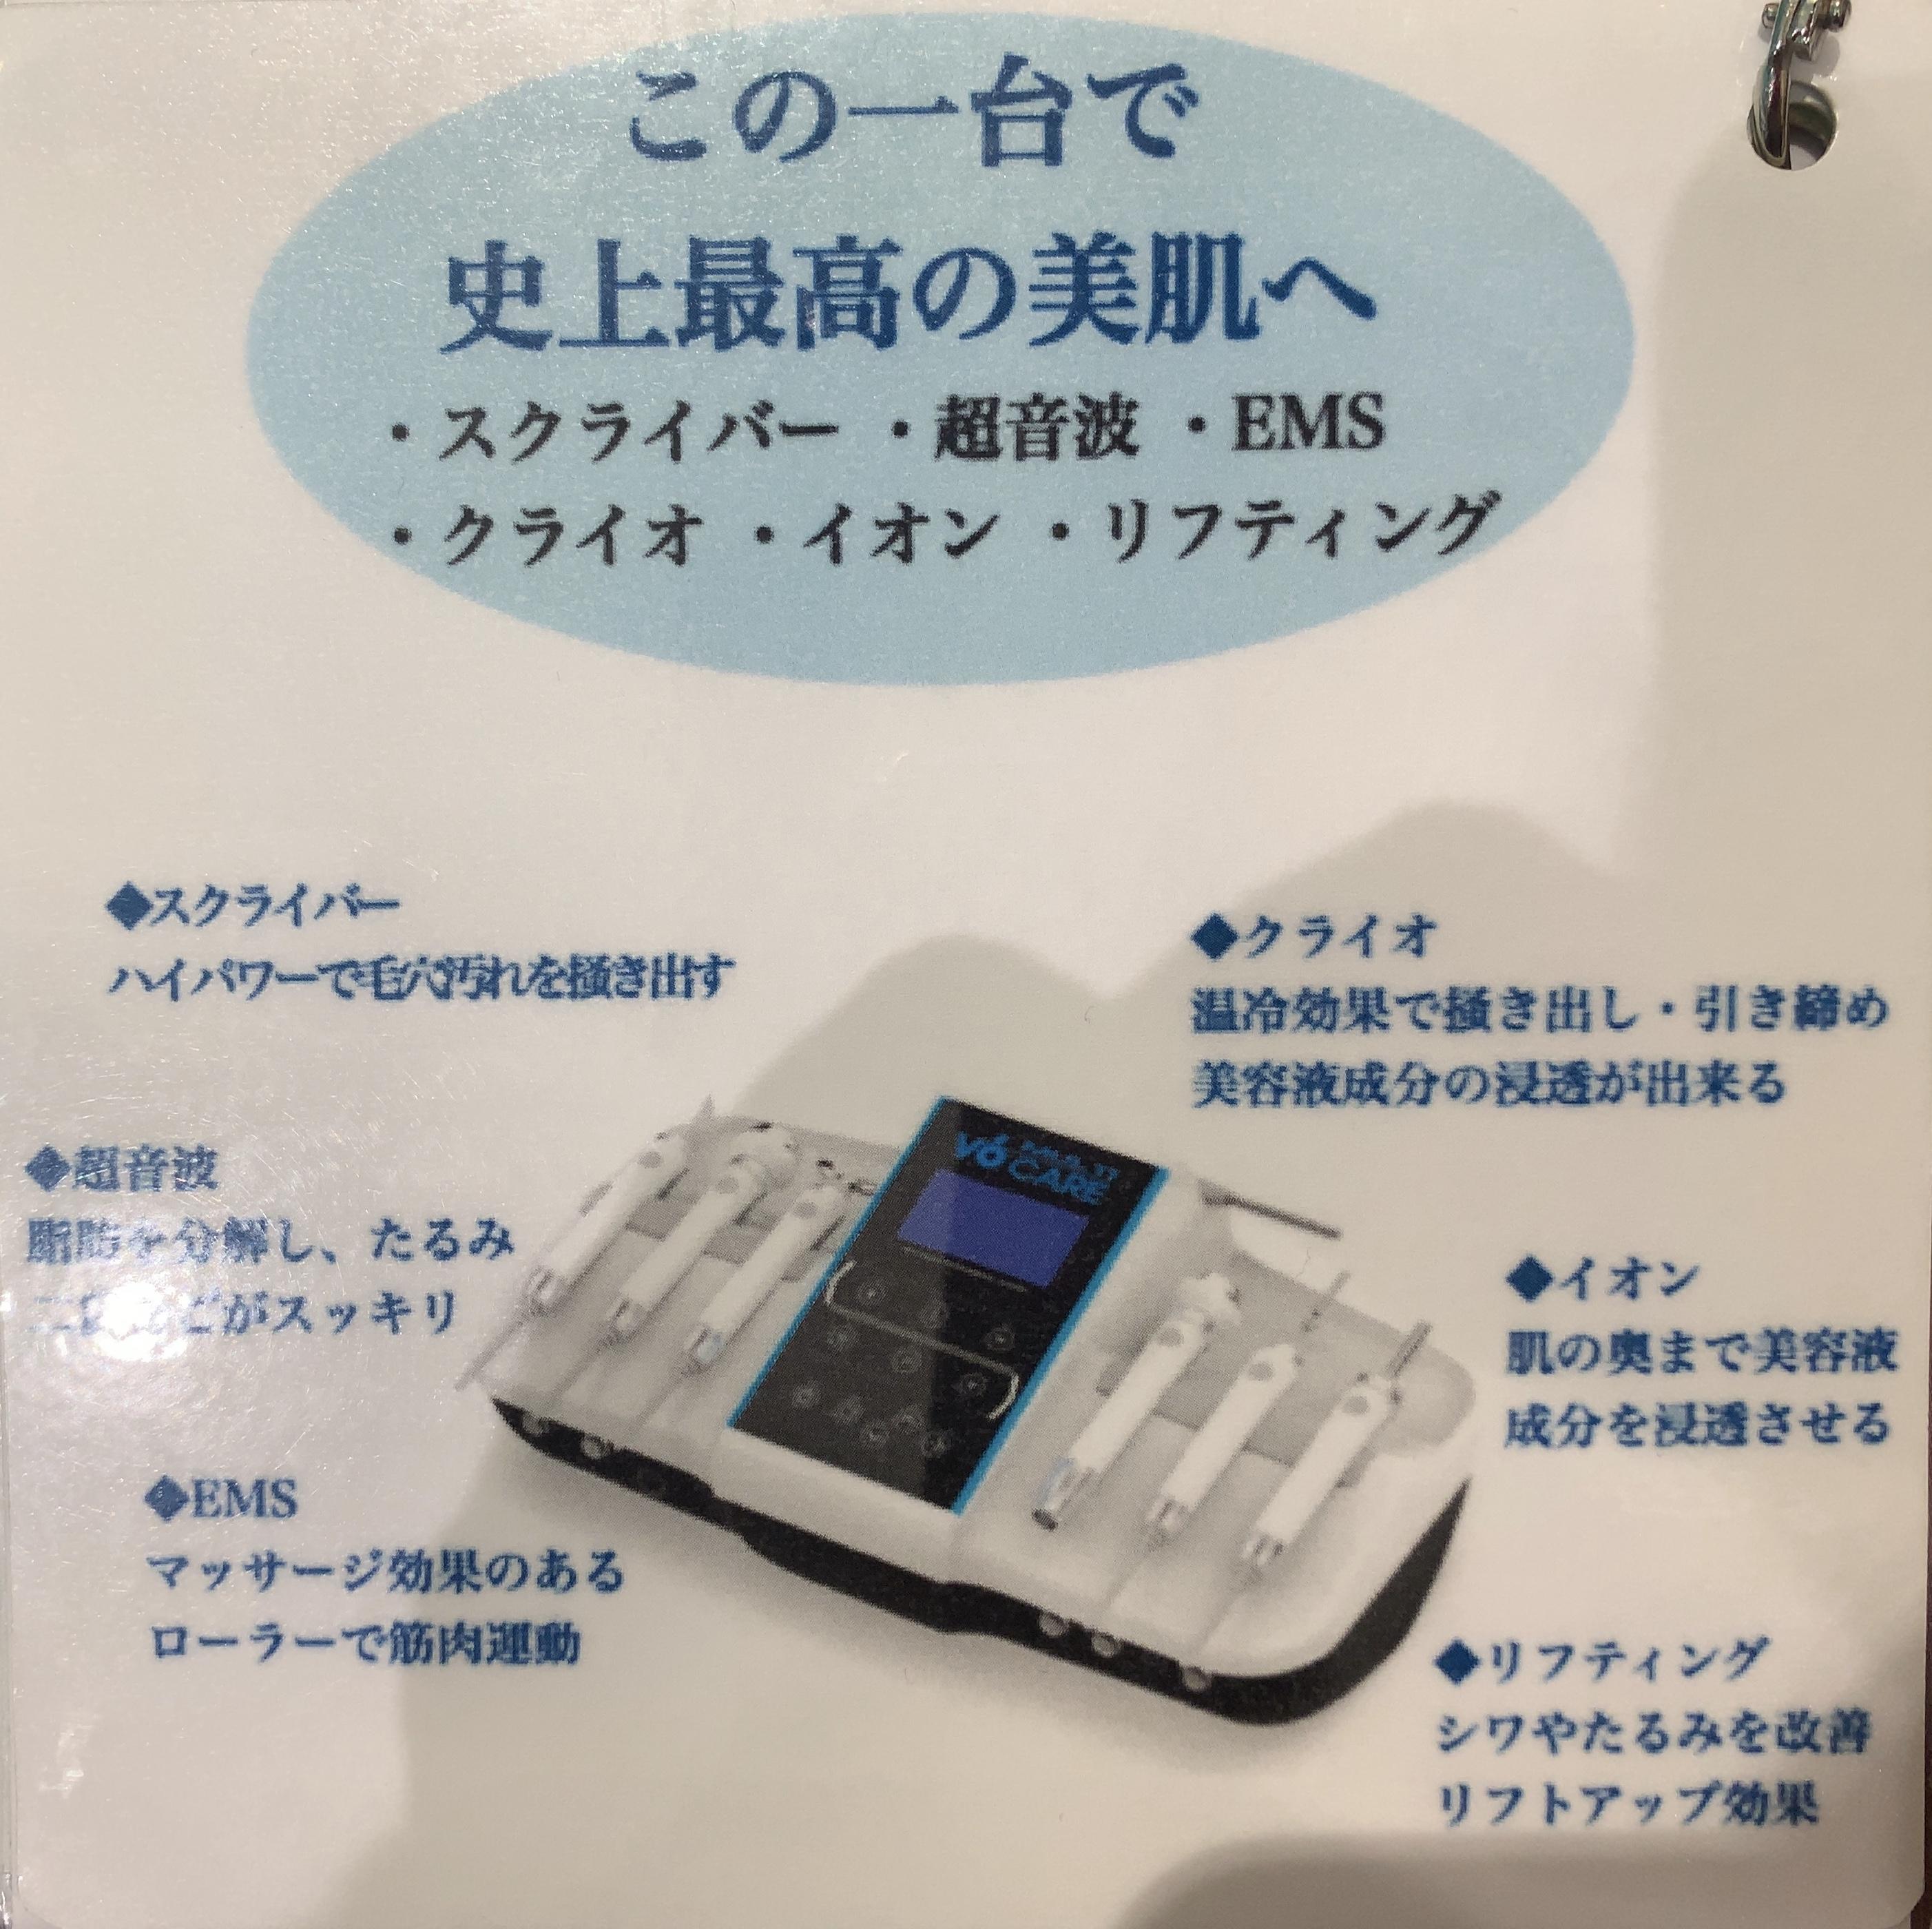 E7D66503-EA27-48FE-B9D4-32628149A50A